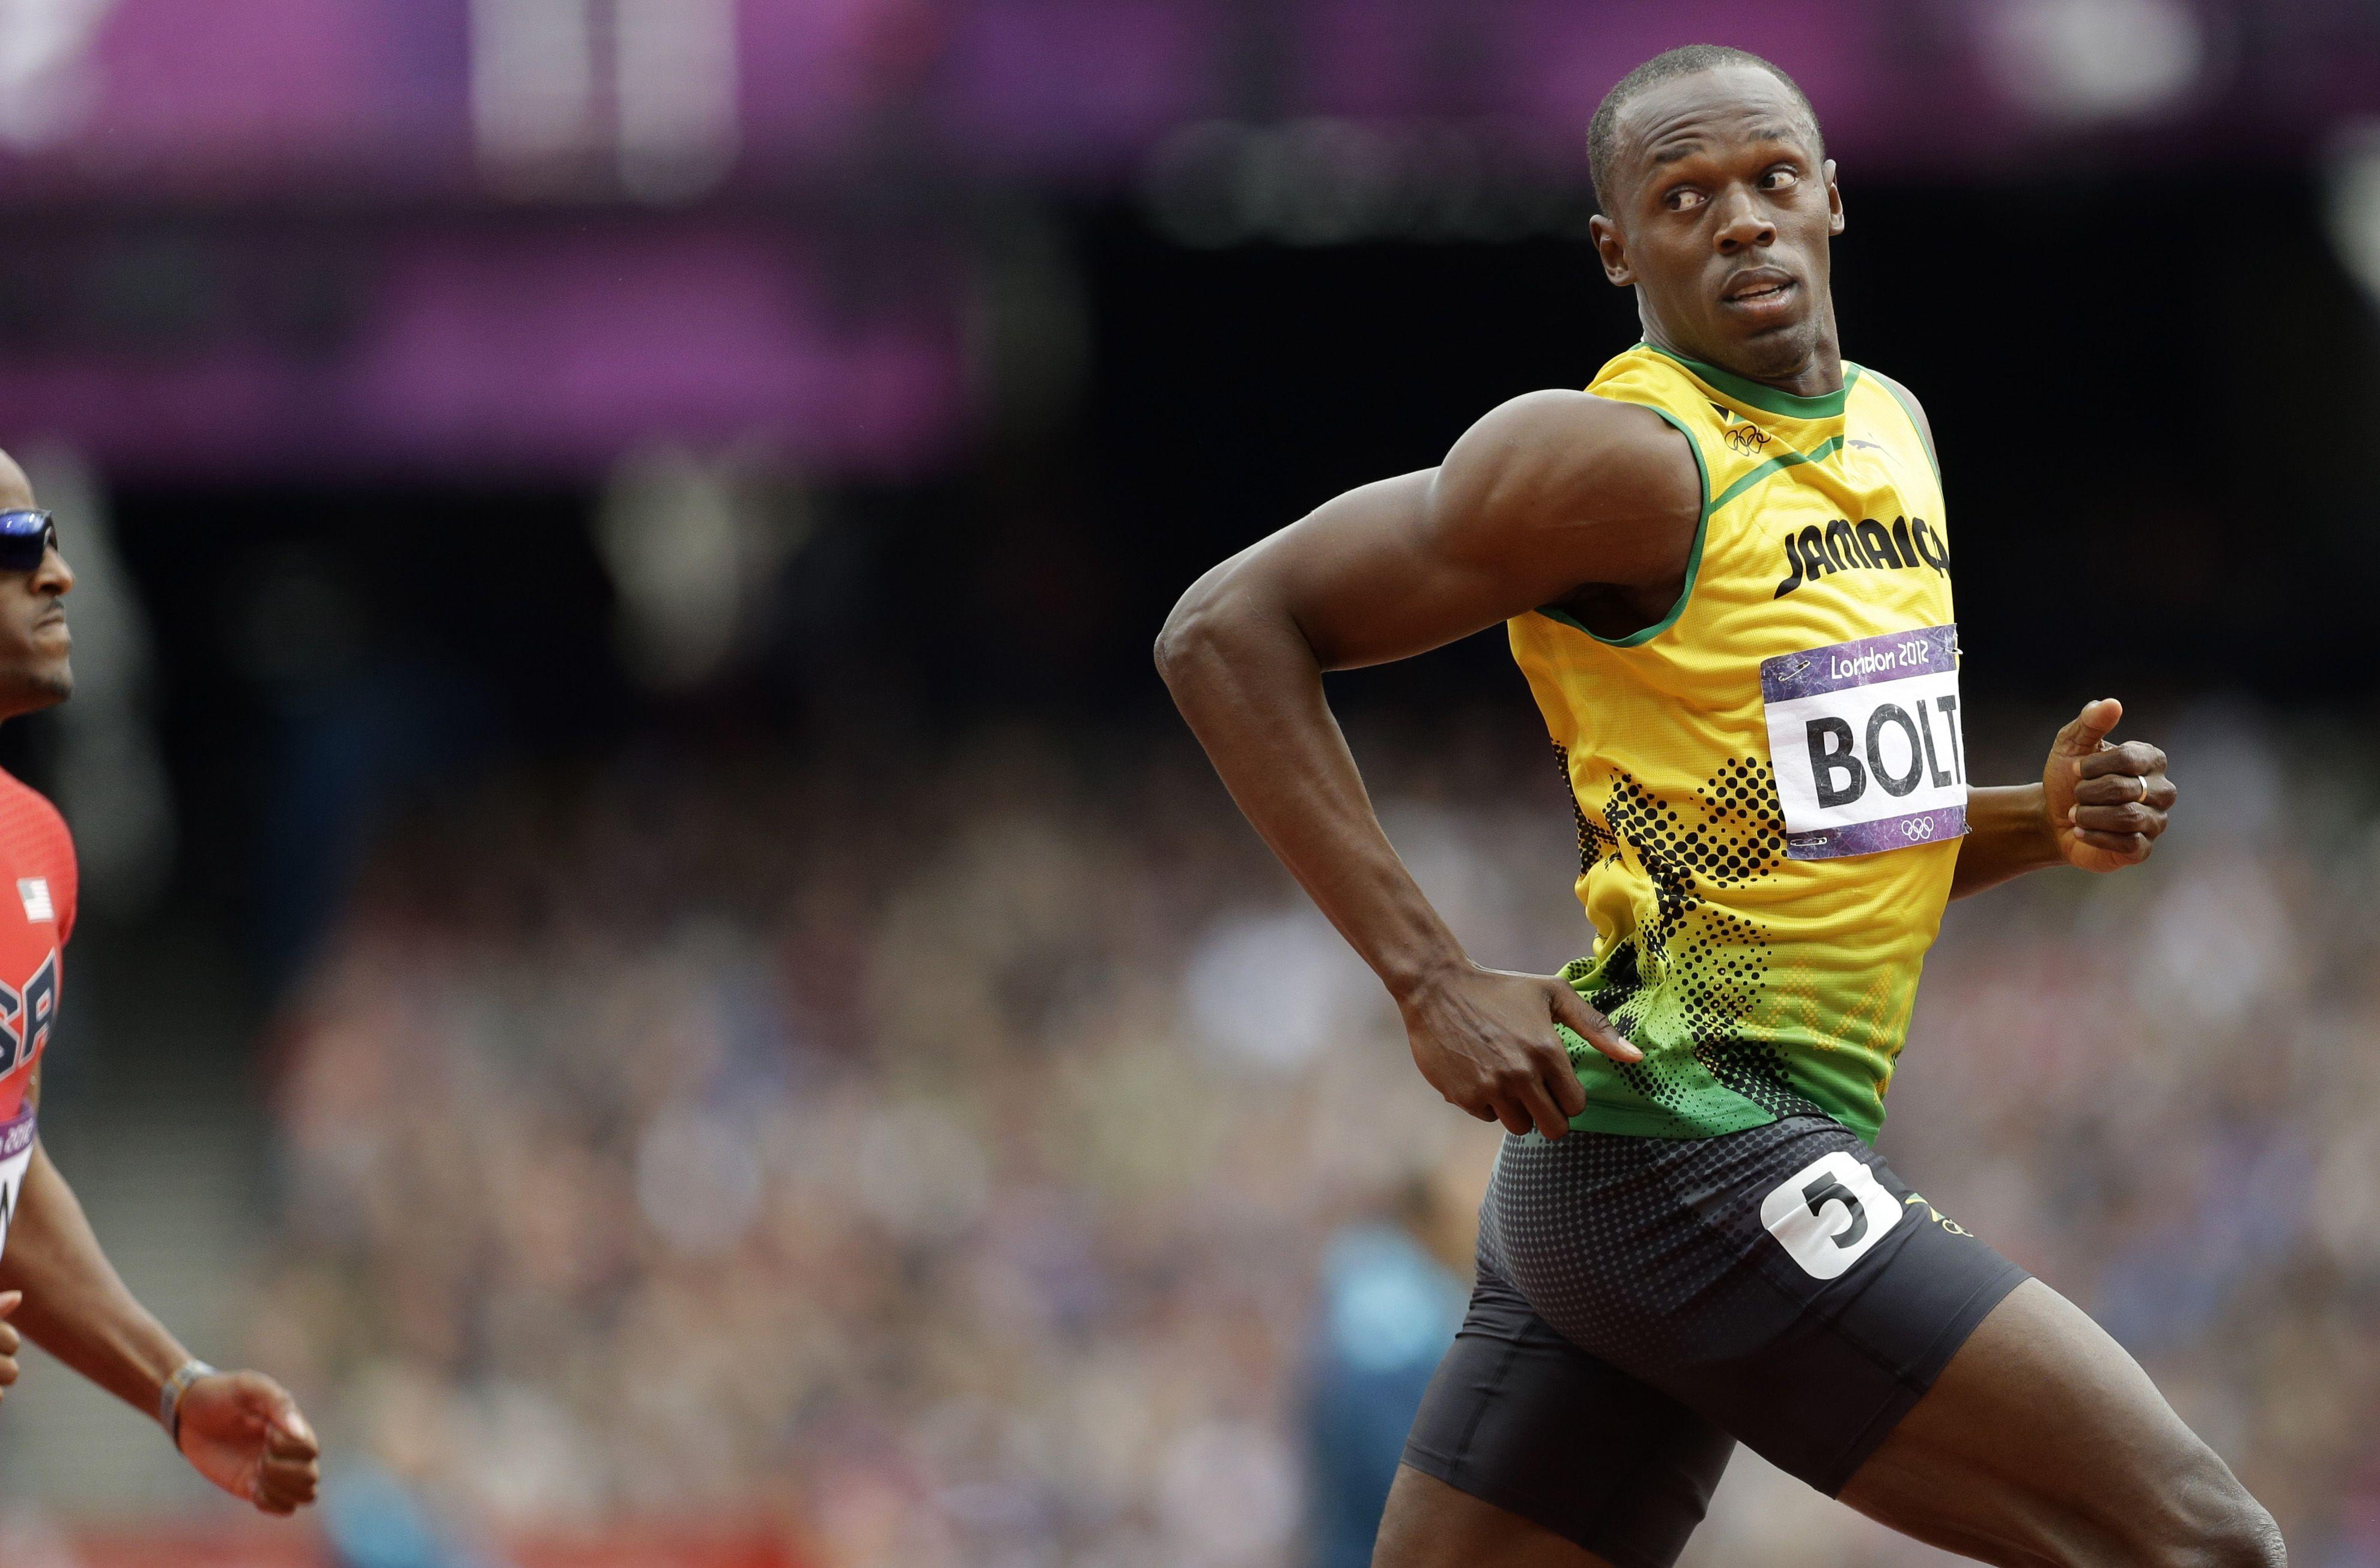 11 Usain Bolt Hd Wallpapers Backgrounds Wallpaper Abyss Usain Bolt Usain Bolt Facts Usain Bolt Pictures